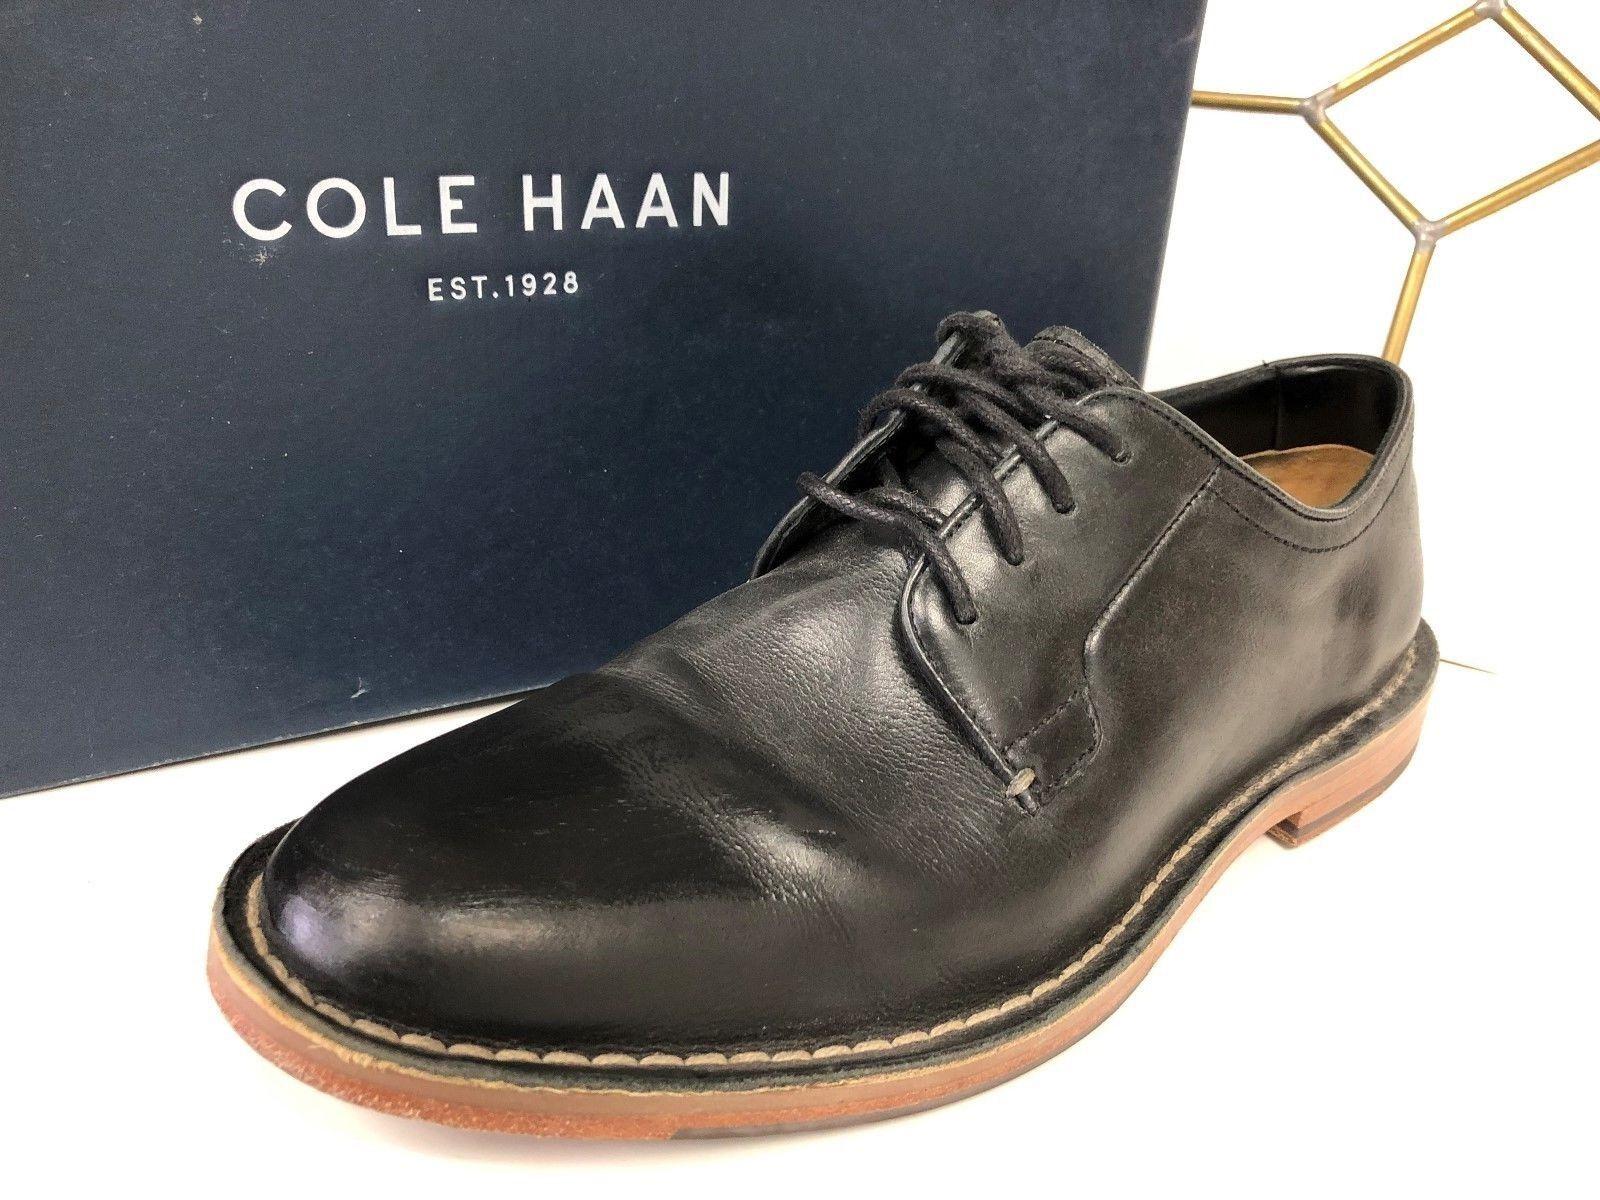 Cole Haan Williams Negro Cuero Con Cordones Calzado Para Hombre Oxford de silla de montar 8.5 M